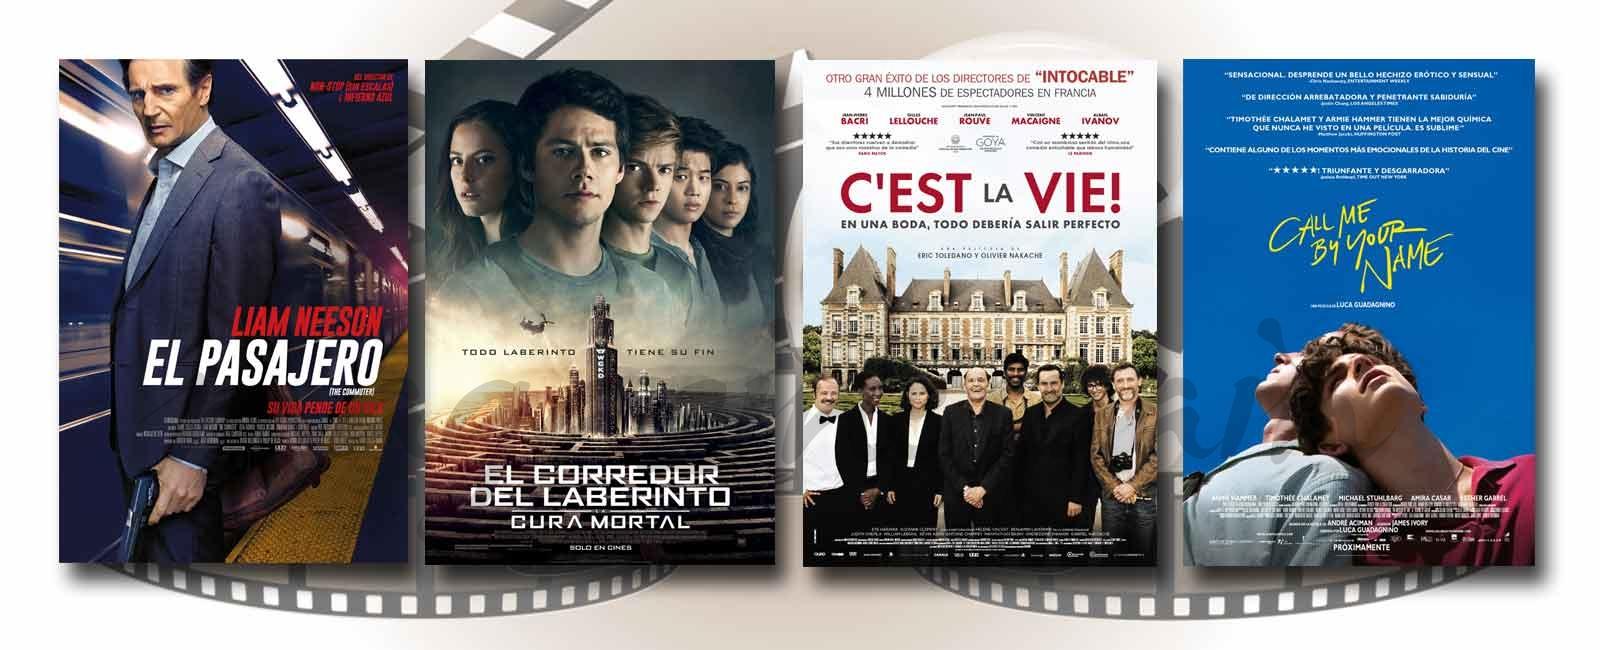 Estrenos de Cine de la Semana… 26 de Enero 2018